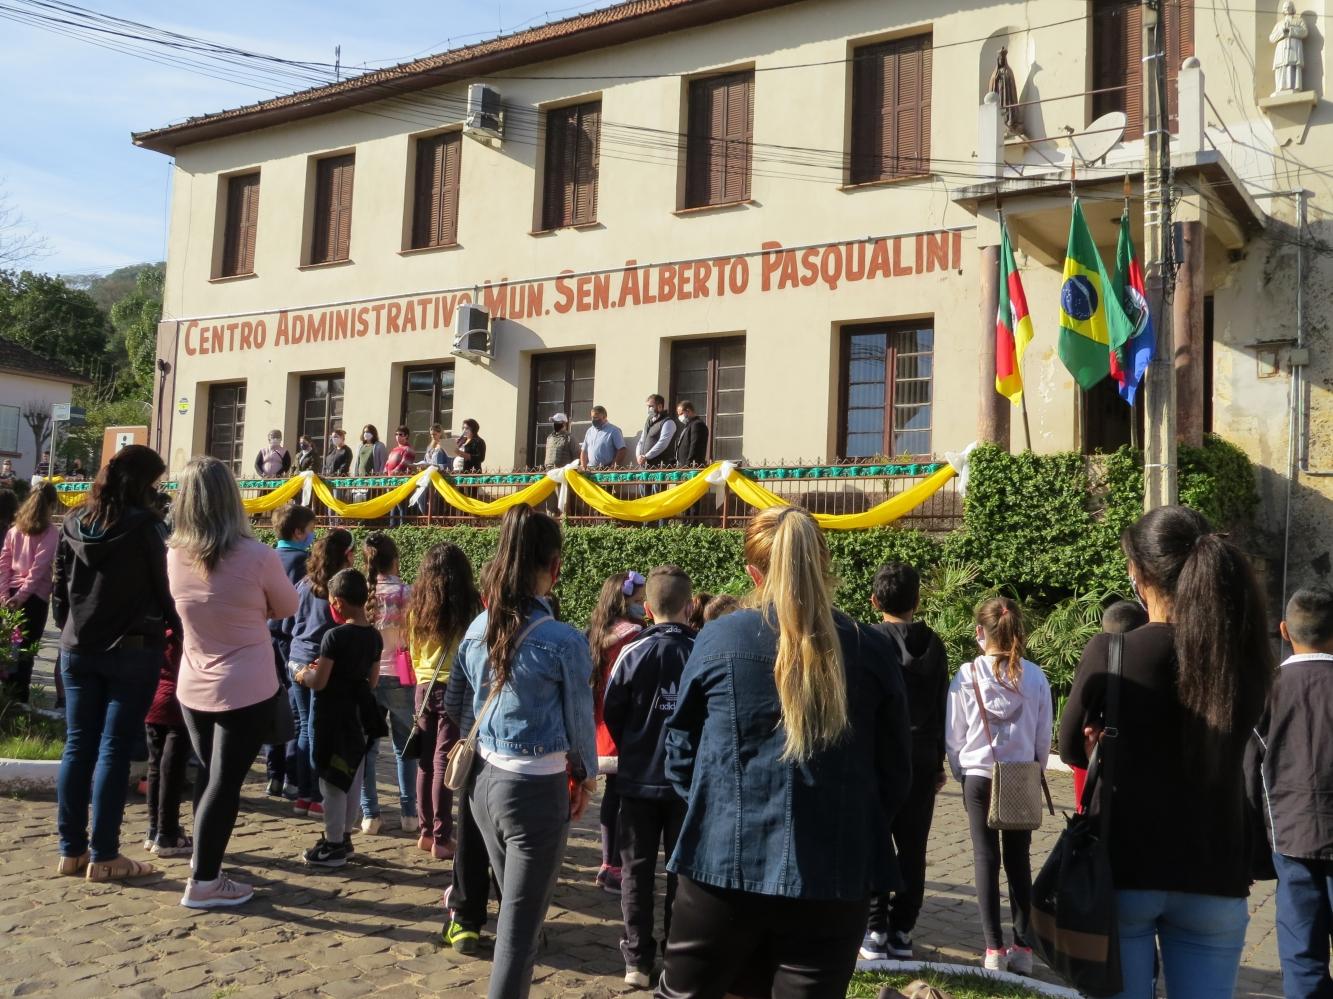 Abertura da Semana da Pátria contou com Banda da 6ª Brigada Militar de Santa Maria